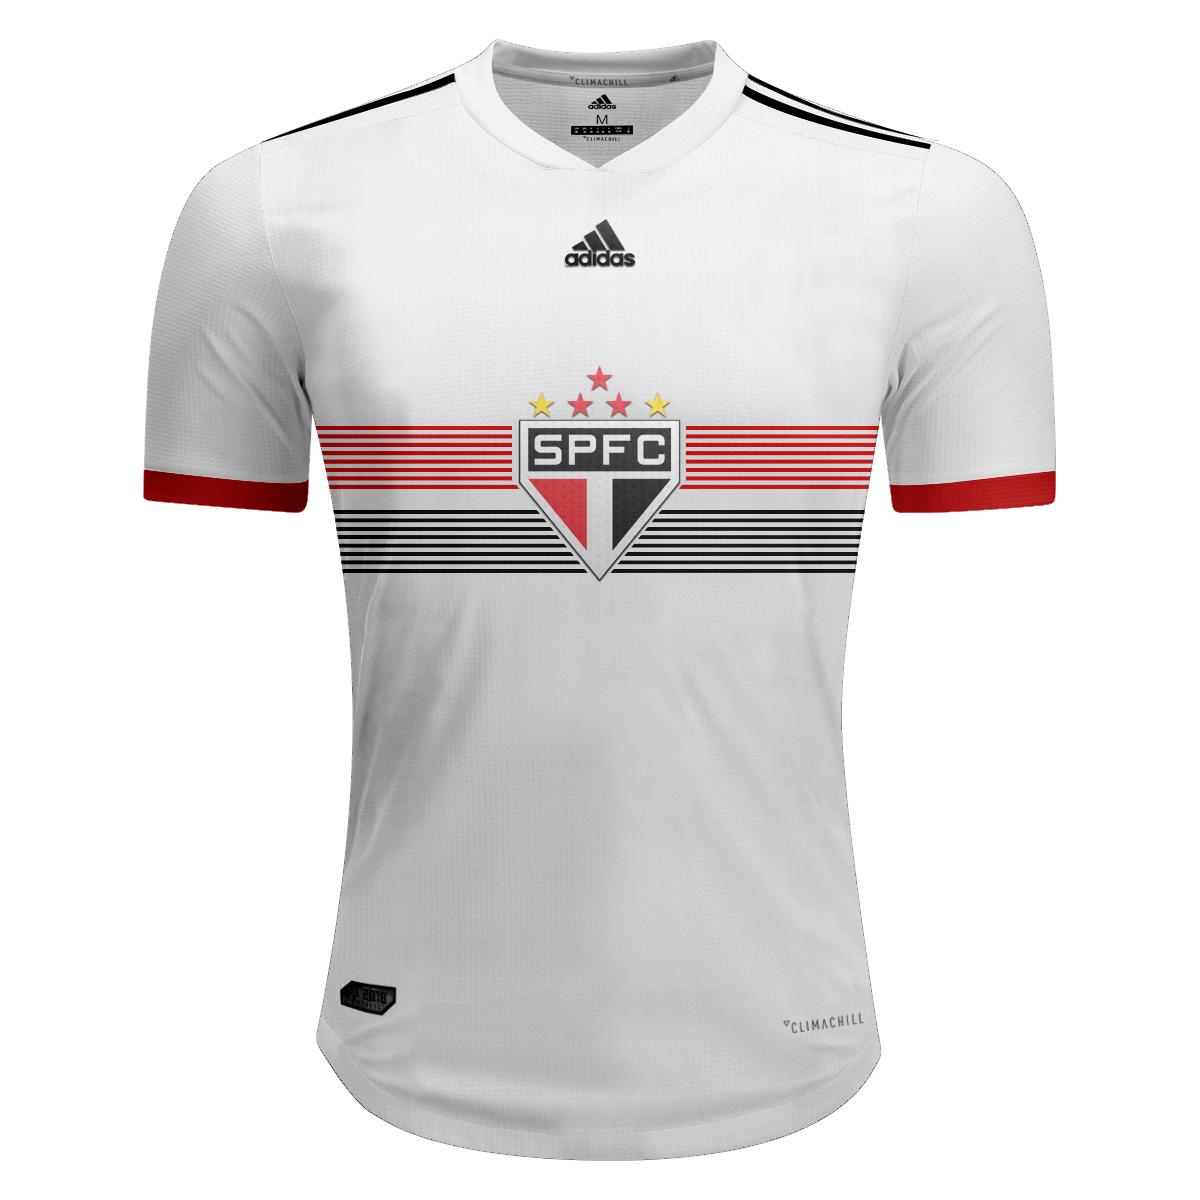 b9897dfc1e082 Novos Uniformes  São Paulo e Adidas – Modelos 1